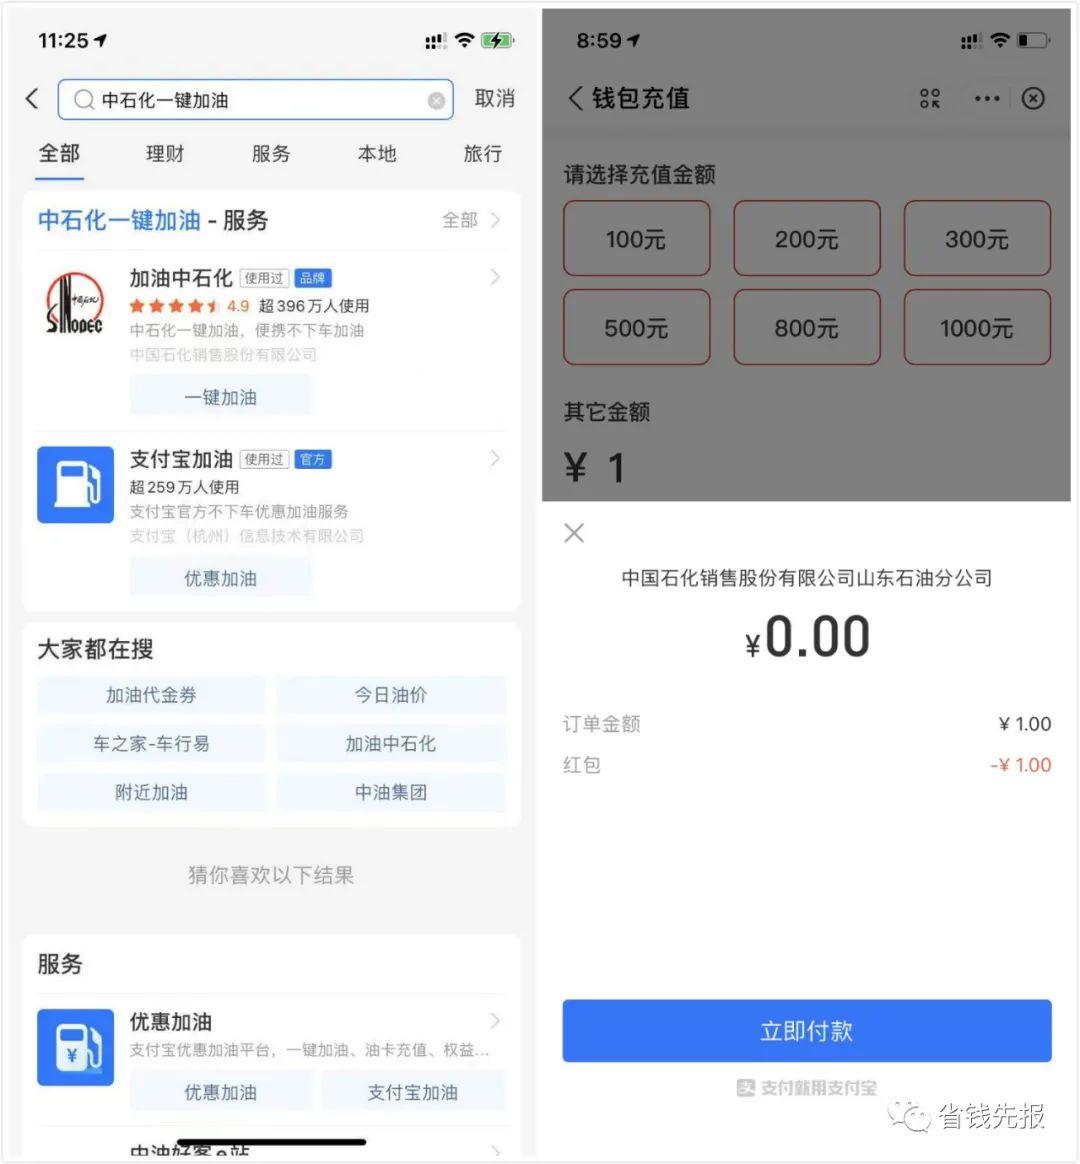 中石油中石化加油优惠券6元!